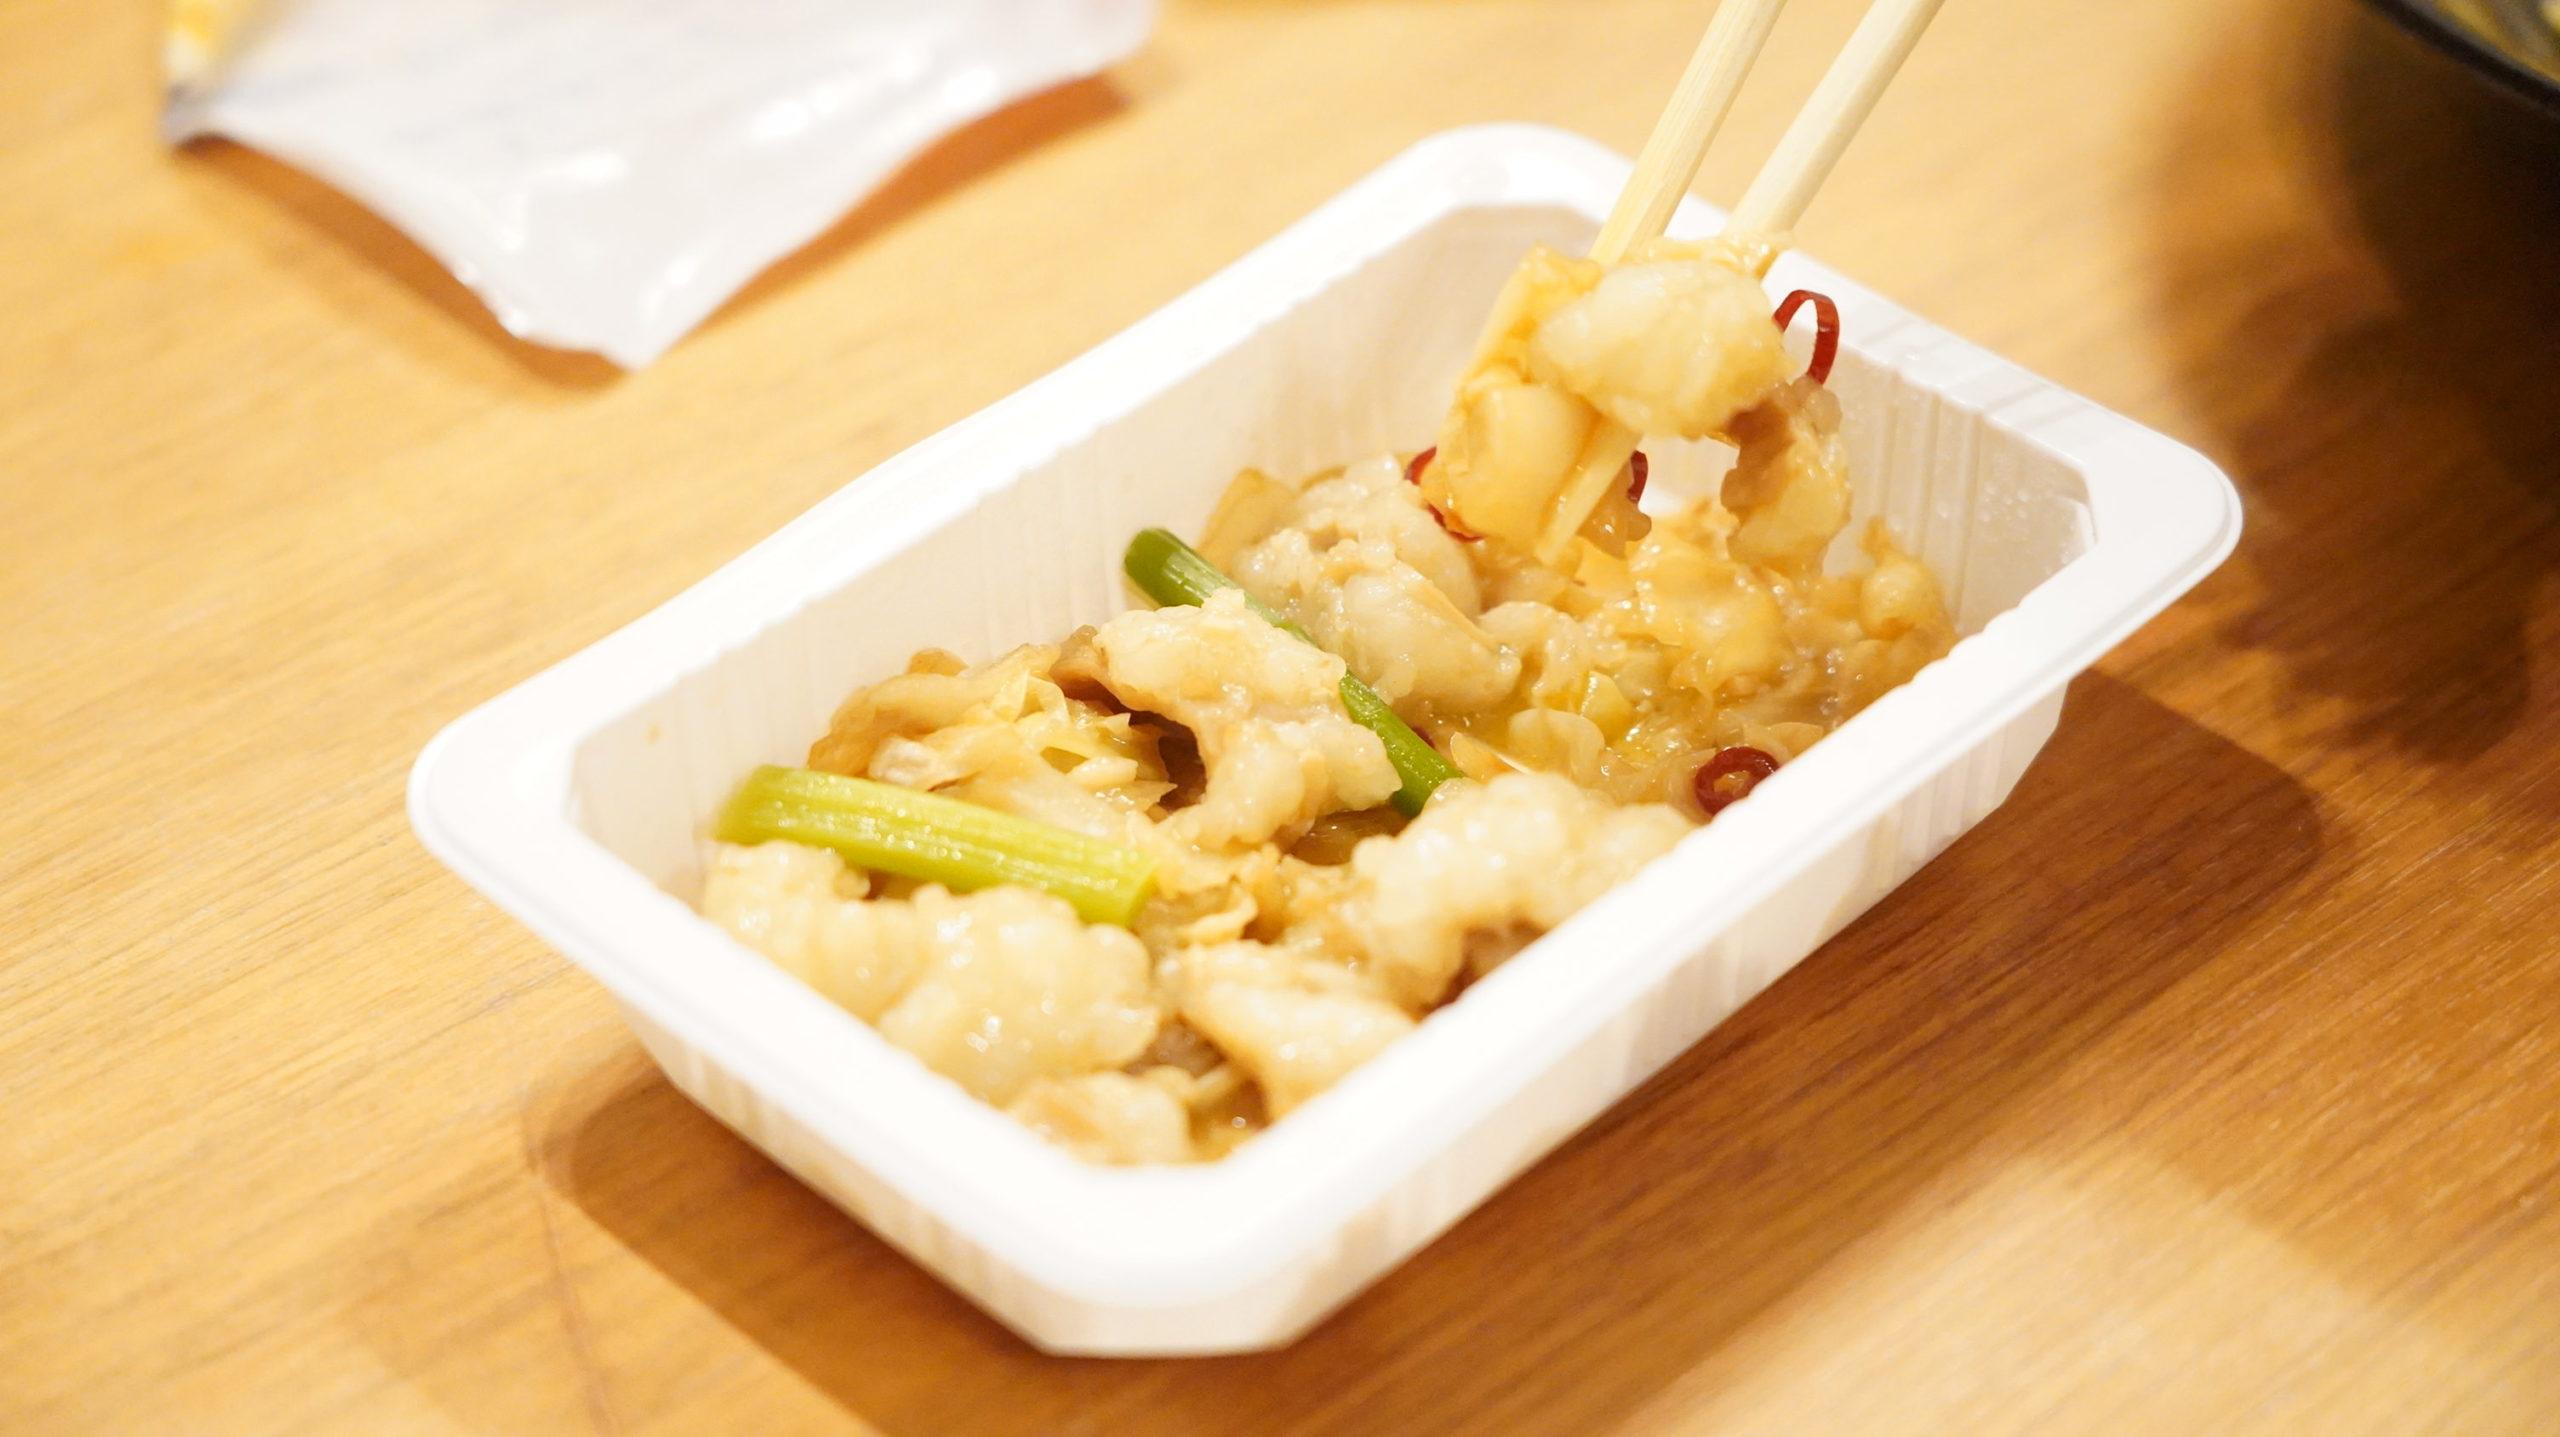 セブンイレブンの冷凍食品「キャベツとにんにくの芽入・牛塩ホルモン炒め」を箸で掴んでいる写真